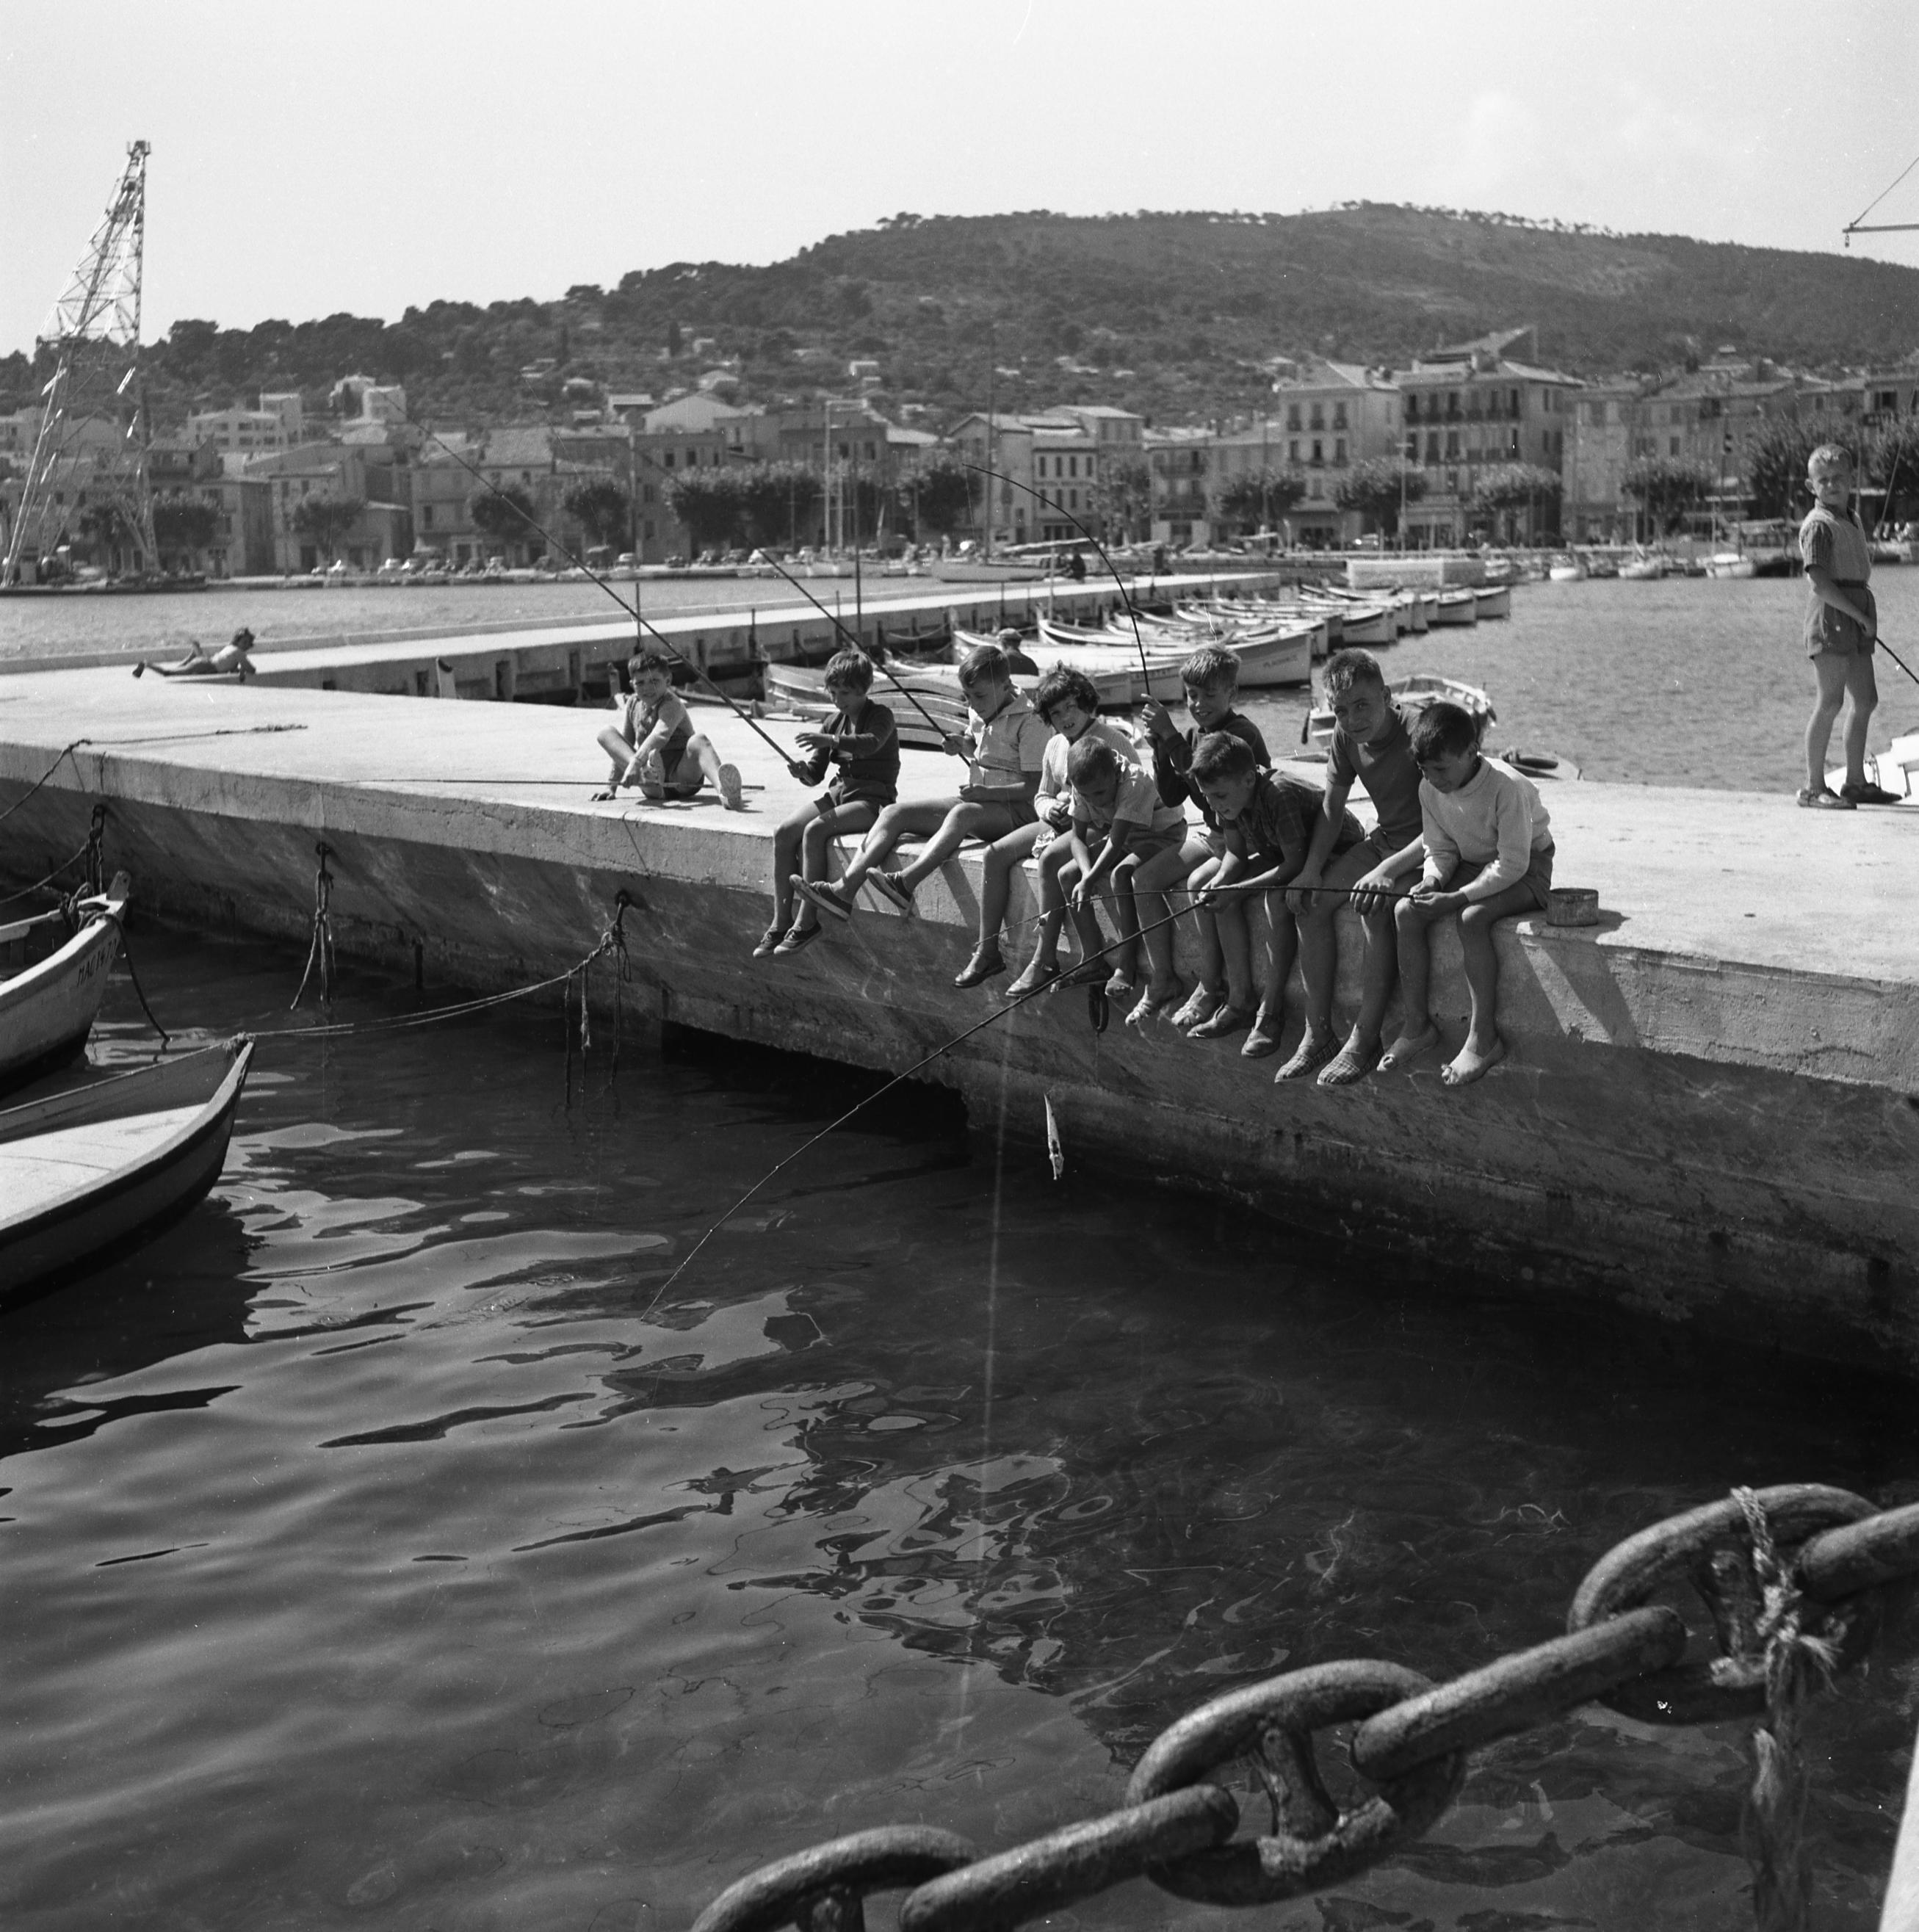 27 Fi 3092 - « Les personnes âgées ne sont pas les seules à pratiquer ce sport qu'est la pêche à la ligne. Les jeunes ciotadens manient la canne avec un évident plaisir ». 26/08/1954